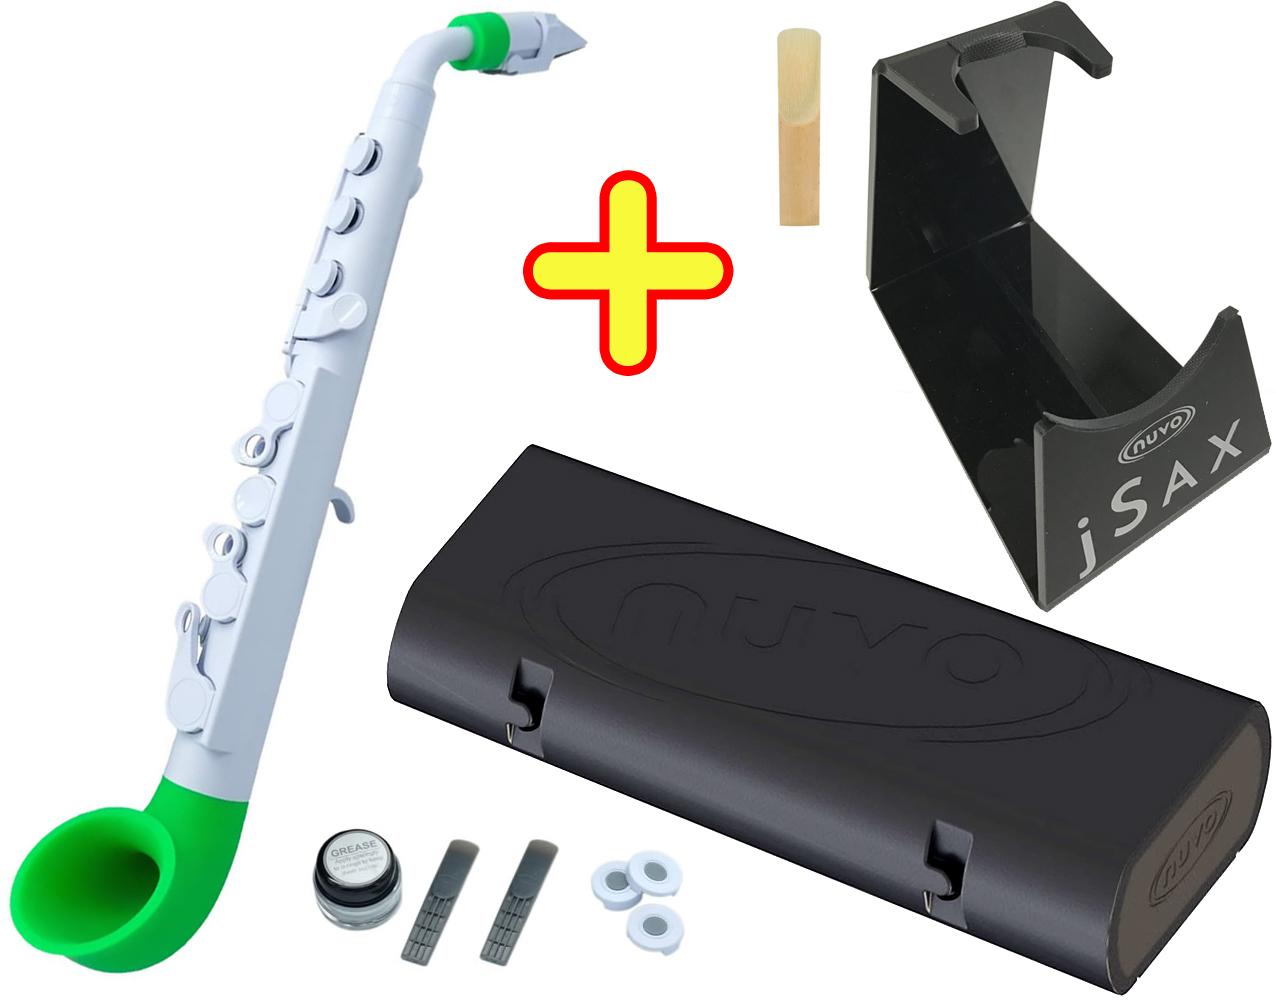 NUVO ( ヌーボ ) jSAX ホワイト グリーン N510JWGN プラスチック製 管楽器 サックス系 リード楽器 本体 サクソフォン 白色 緑色 Green 【 jサックス WH/GN セット H】 送料無料